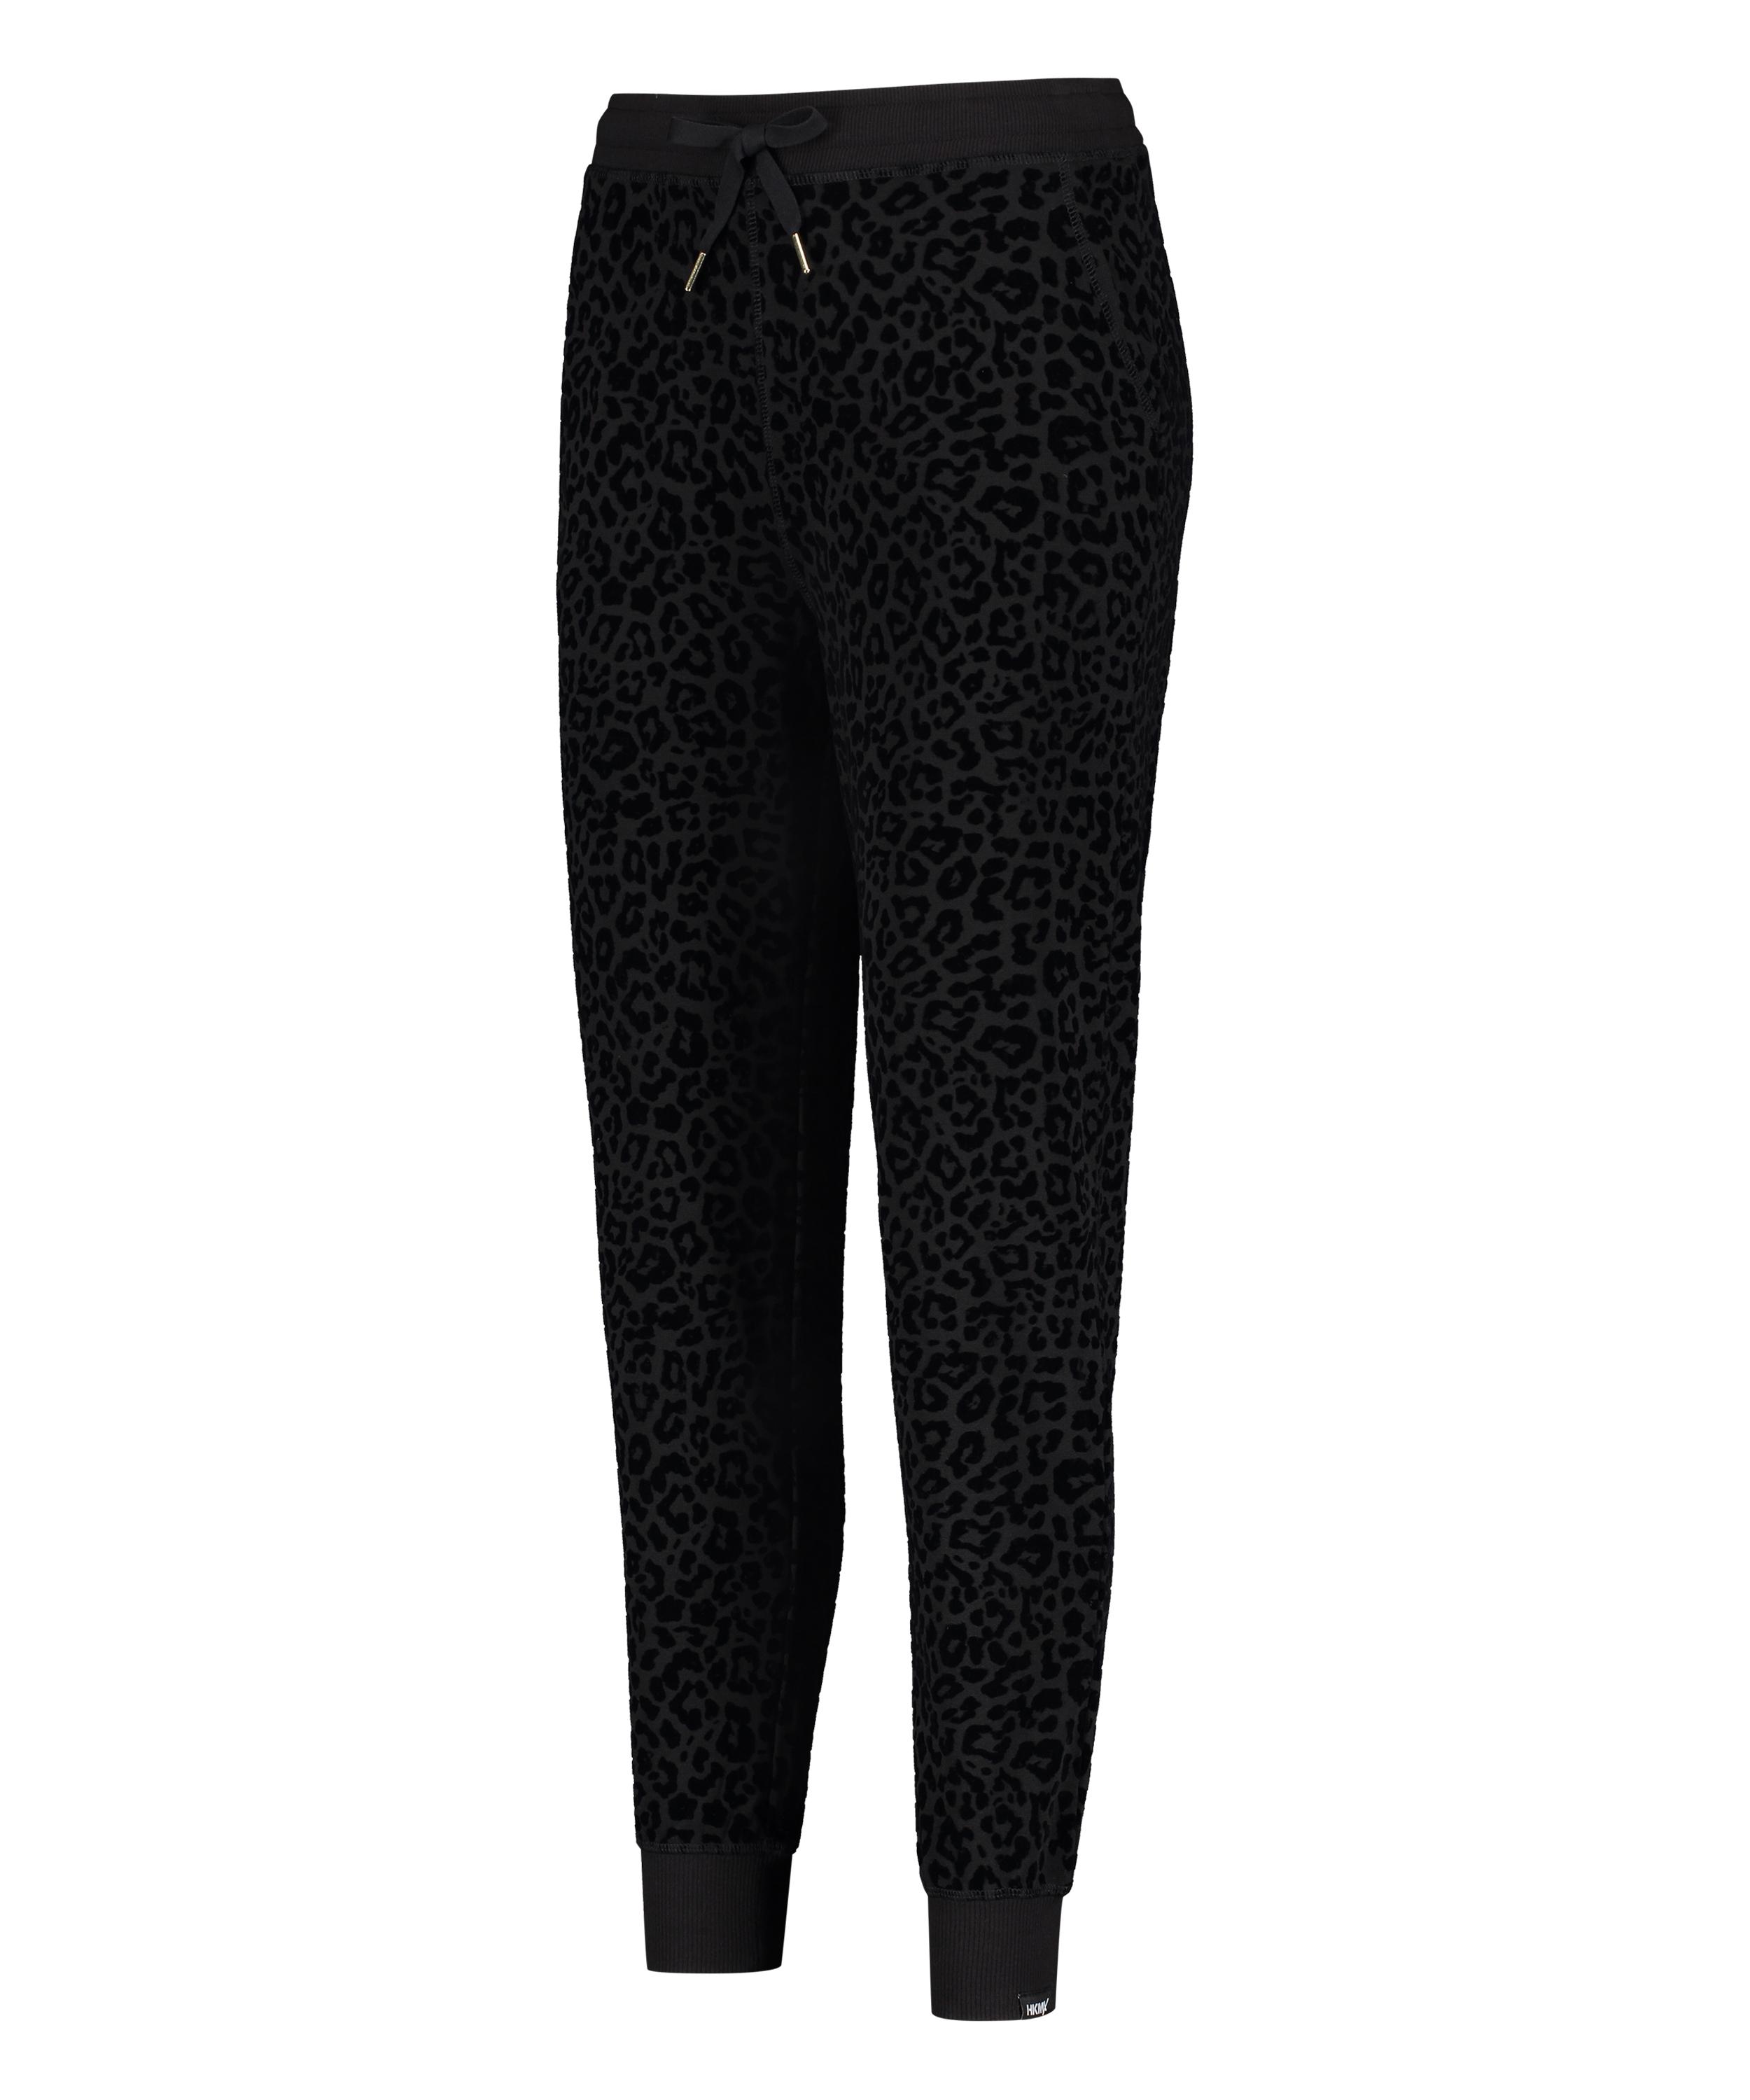 Pantalon de survêtement HKMX Léopard, Noir, main